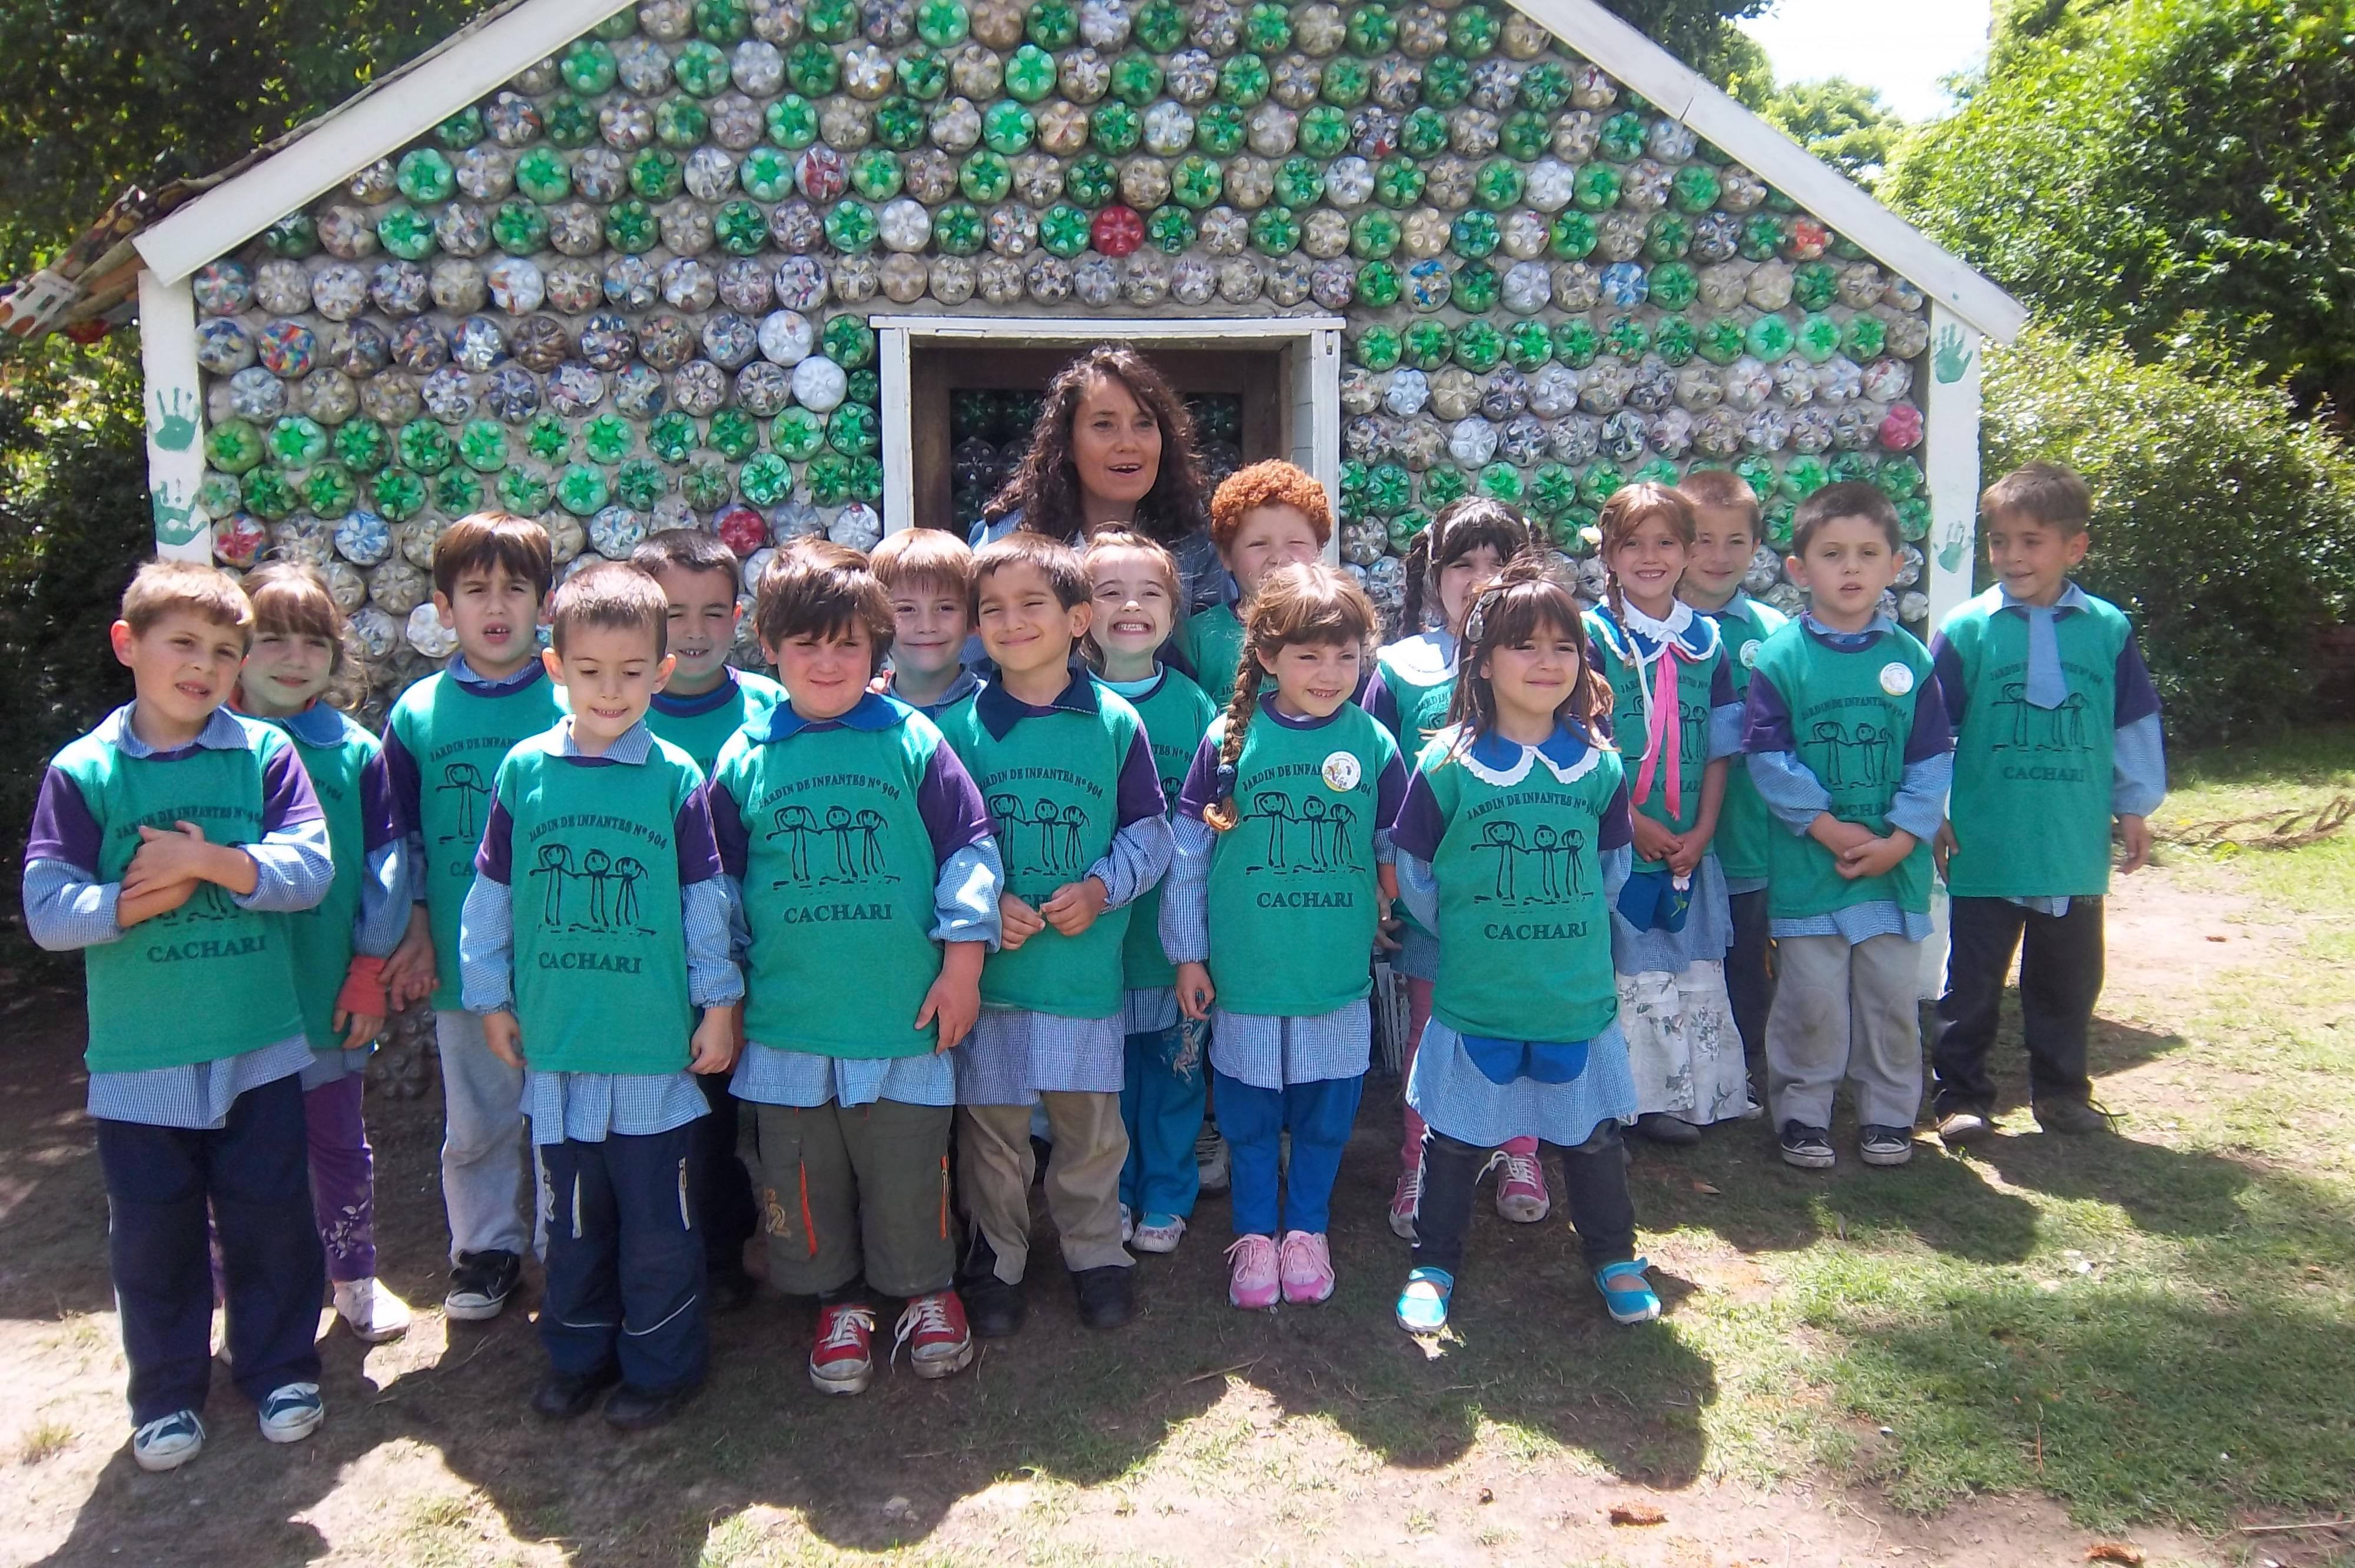 29marzo2016 - Aprenden sobre el cuidado del medio ambiente mientras construyen una casita de botellas 1